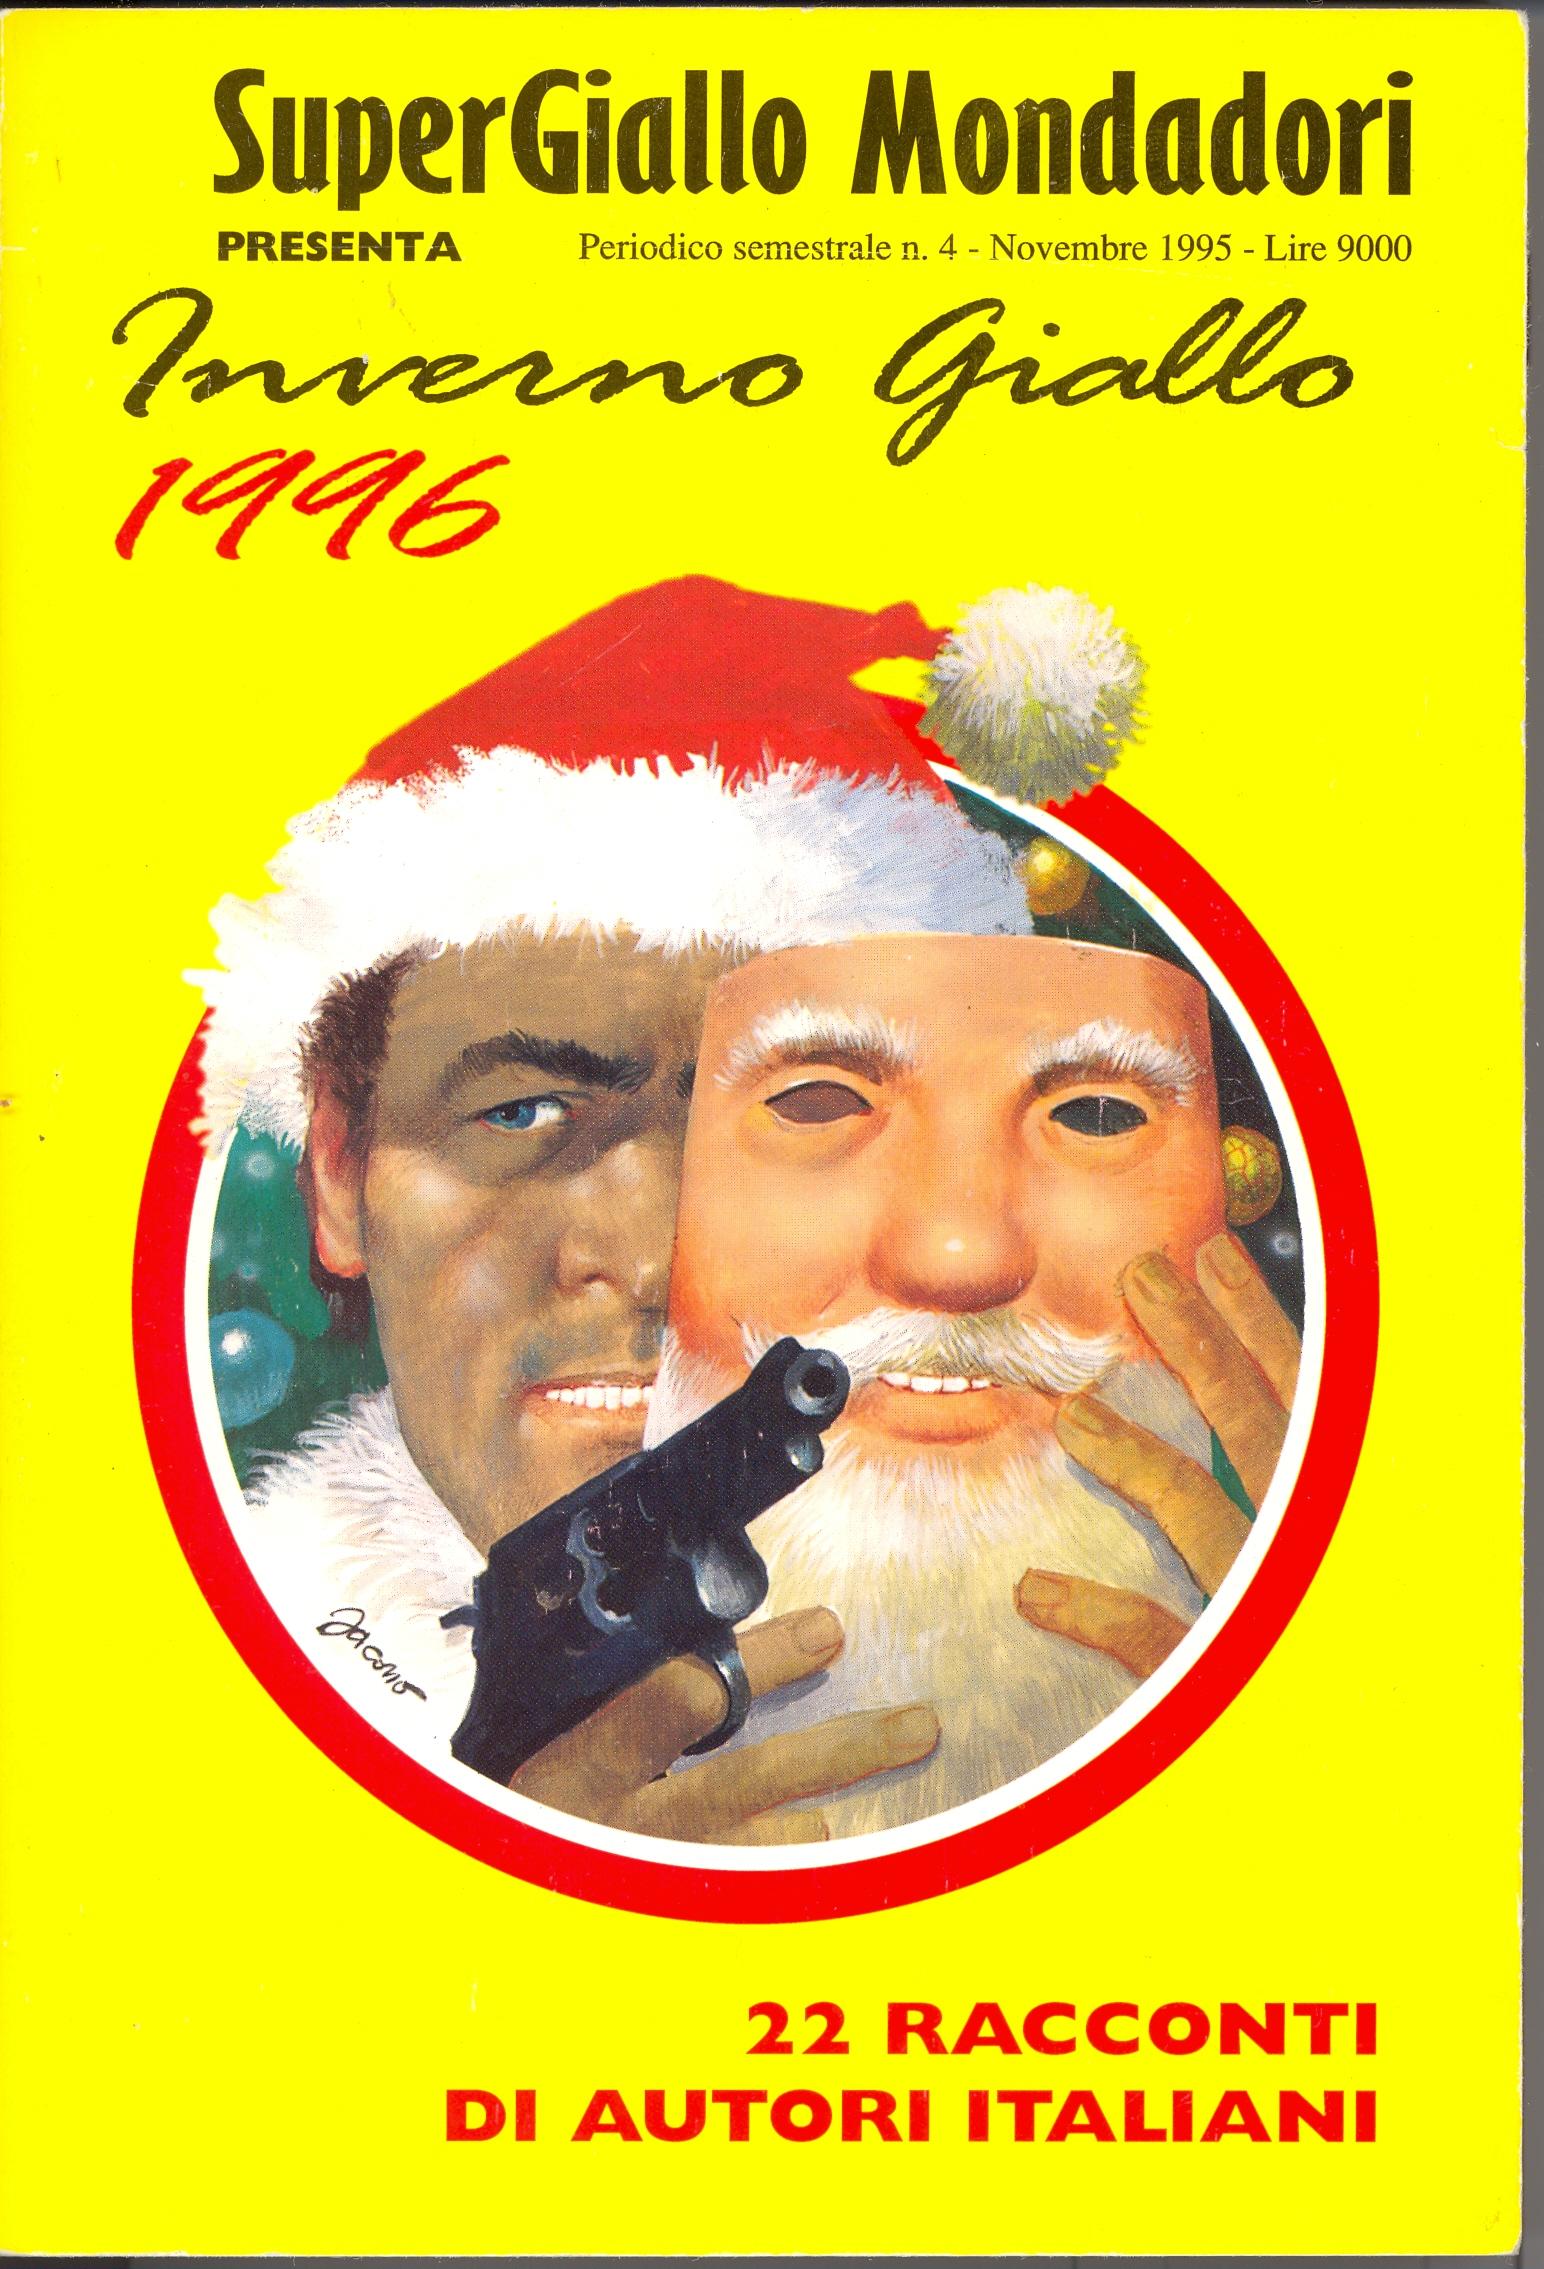 Inverno giallo 1996: 22 racconti di autori italiani